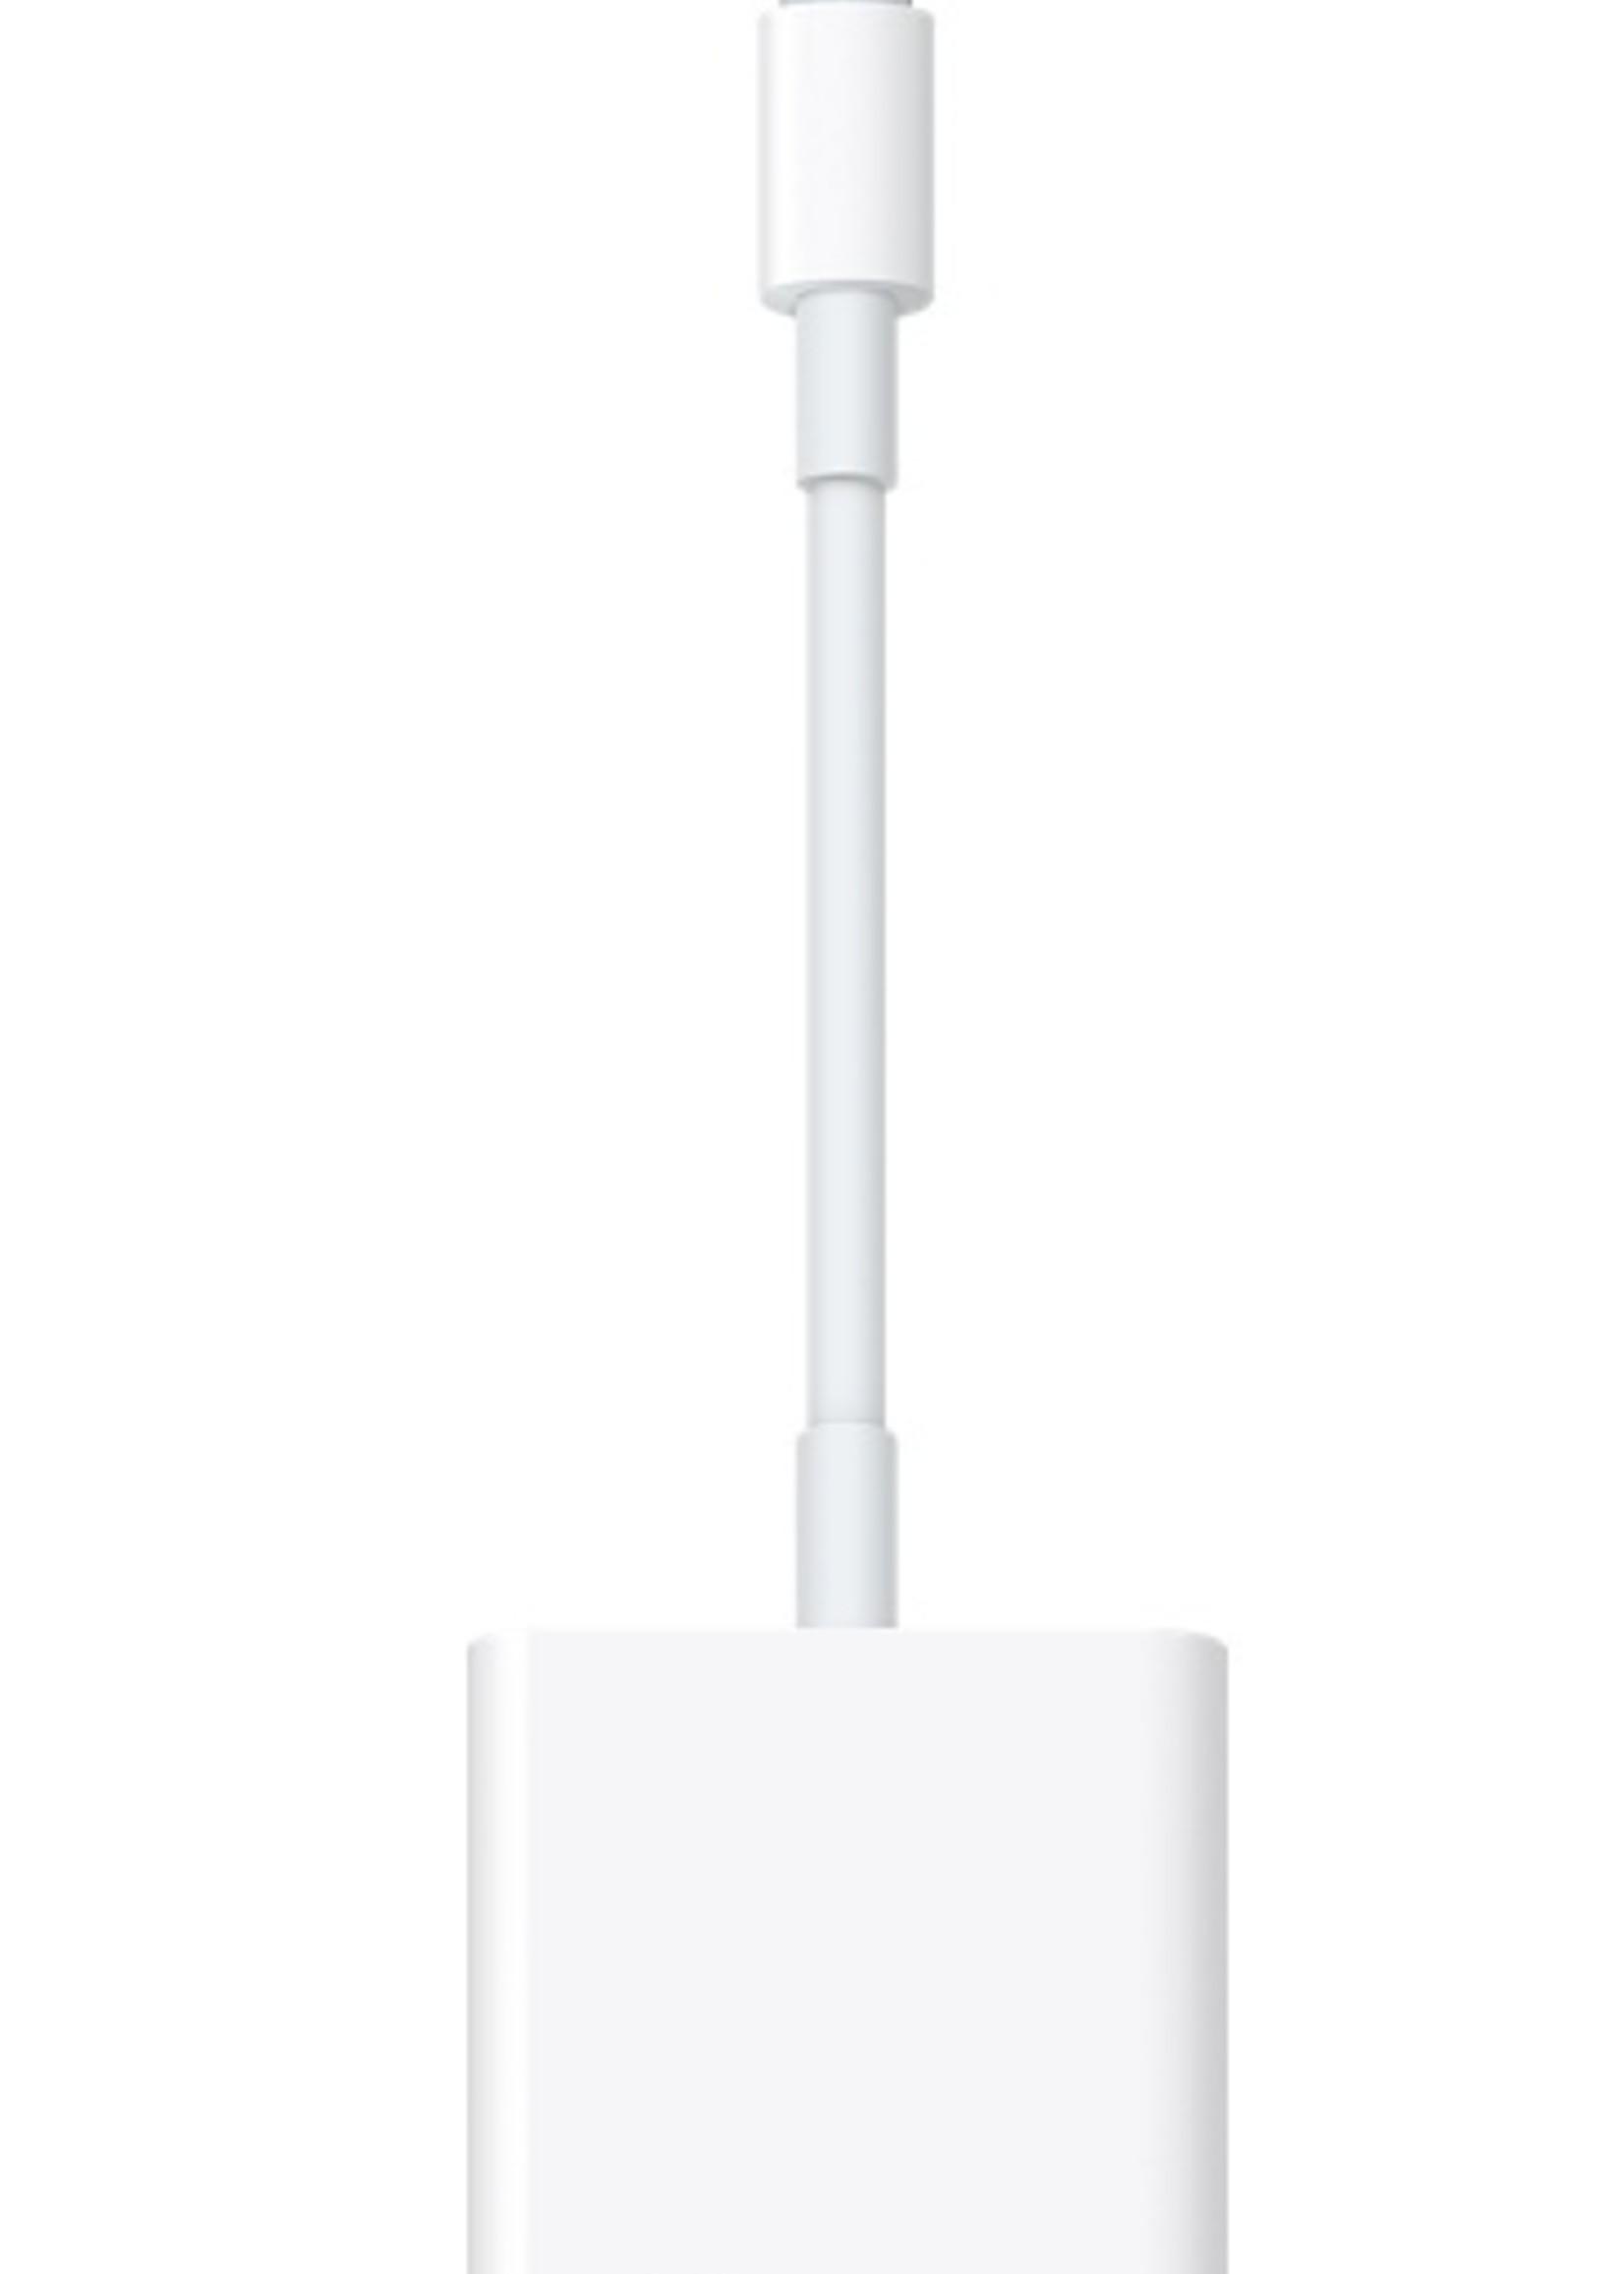 Lightning to USB3 Camera Adapter